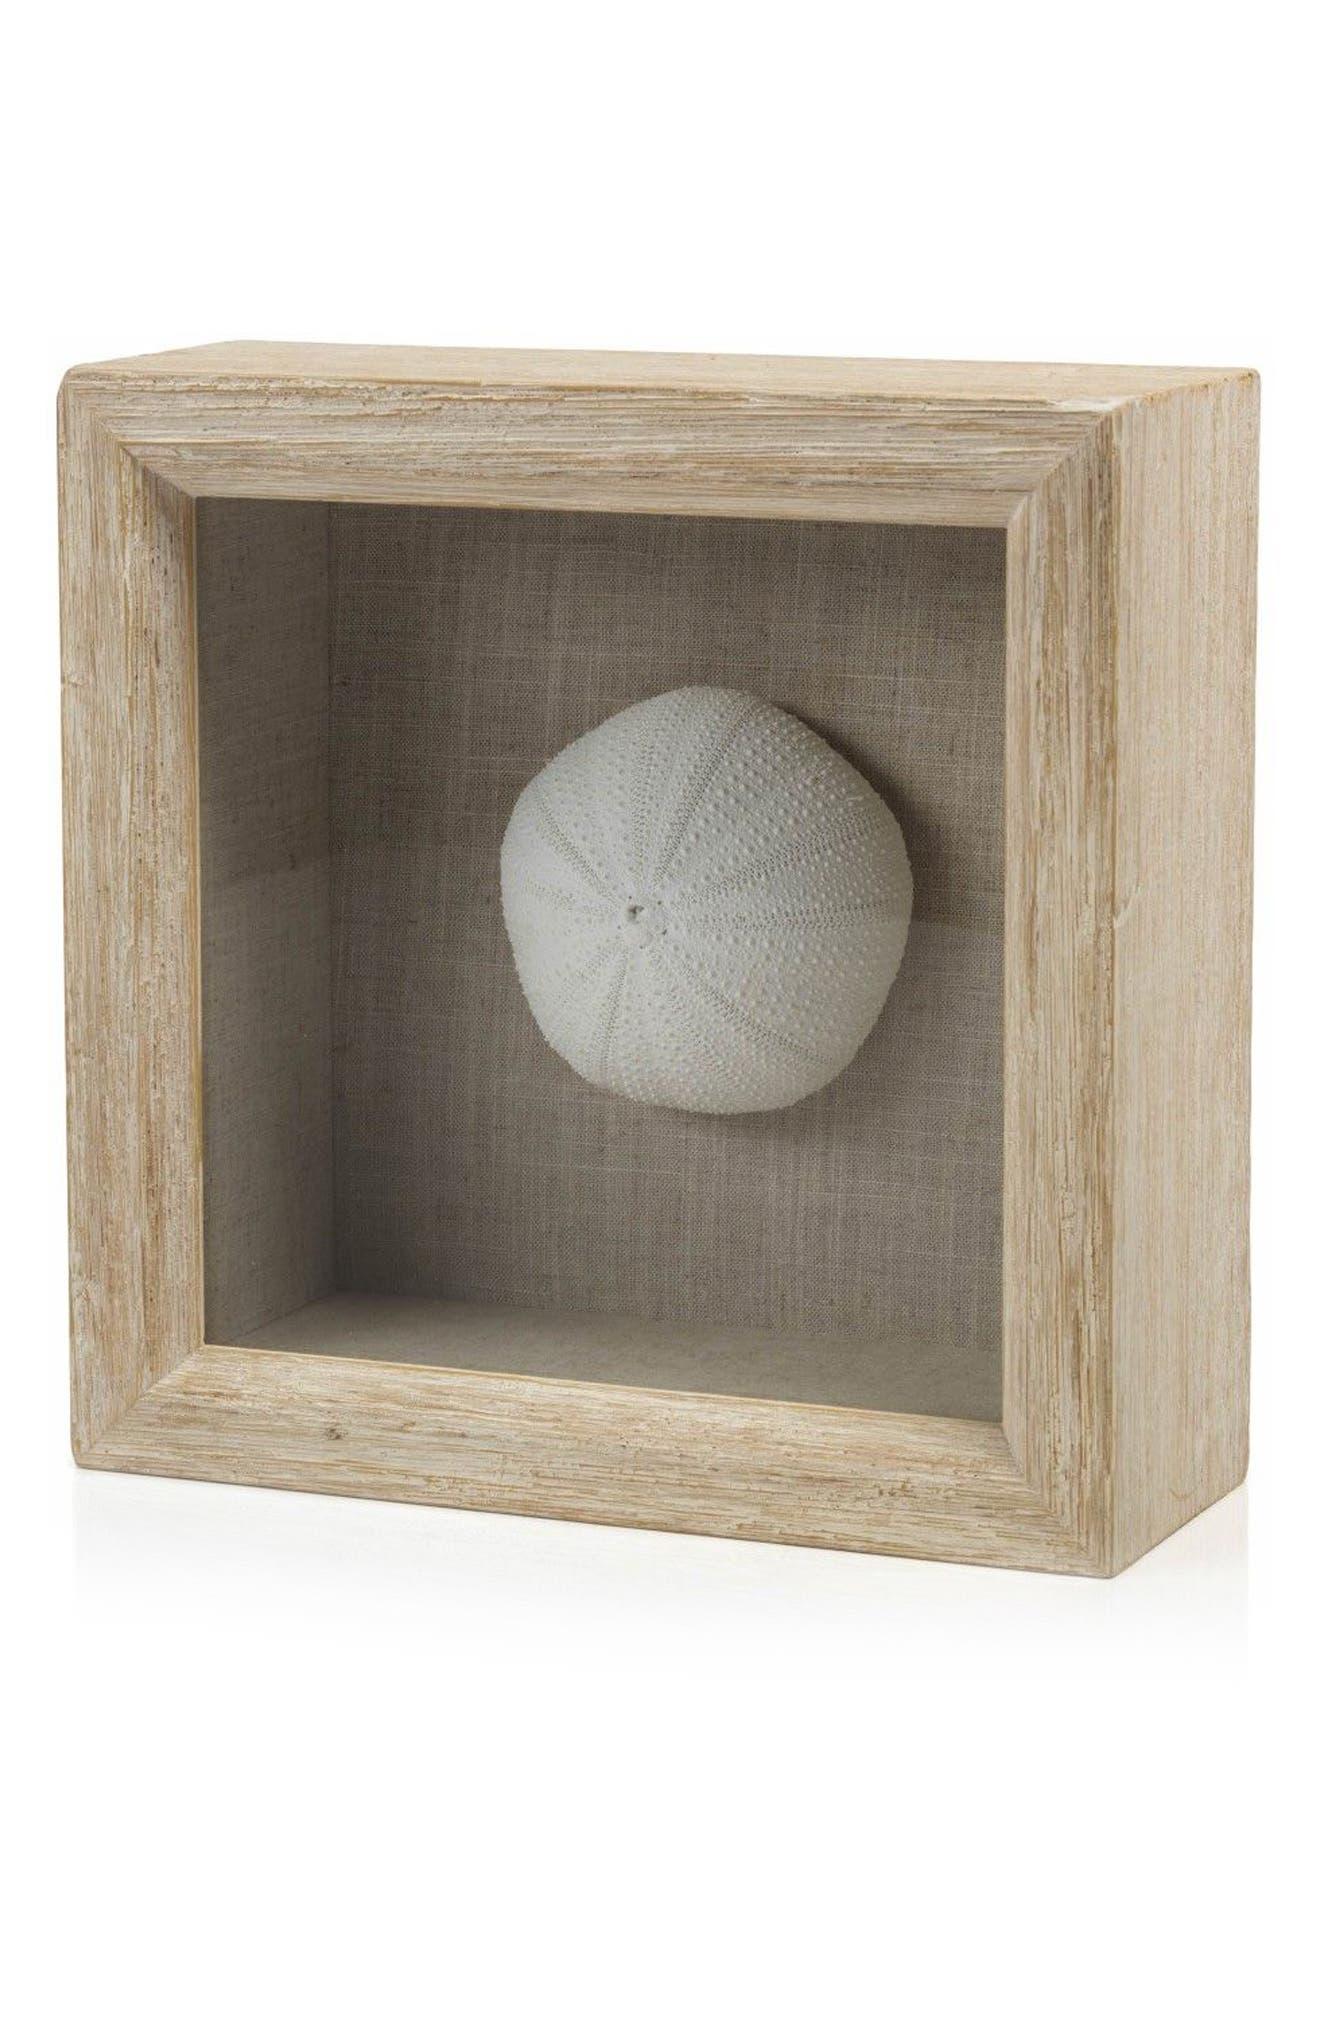 Sea Urchin Shadow Box Art,                             Main thumbnail 1, color,                             Off-White/ Brown/ Beige